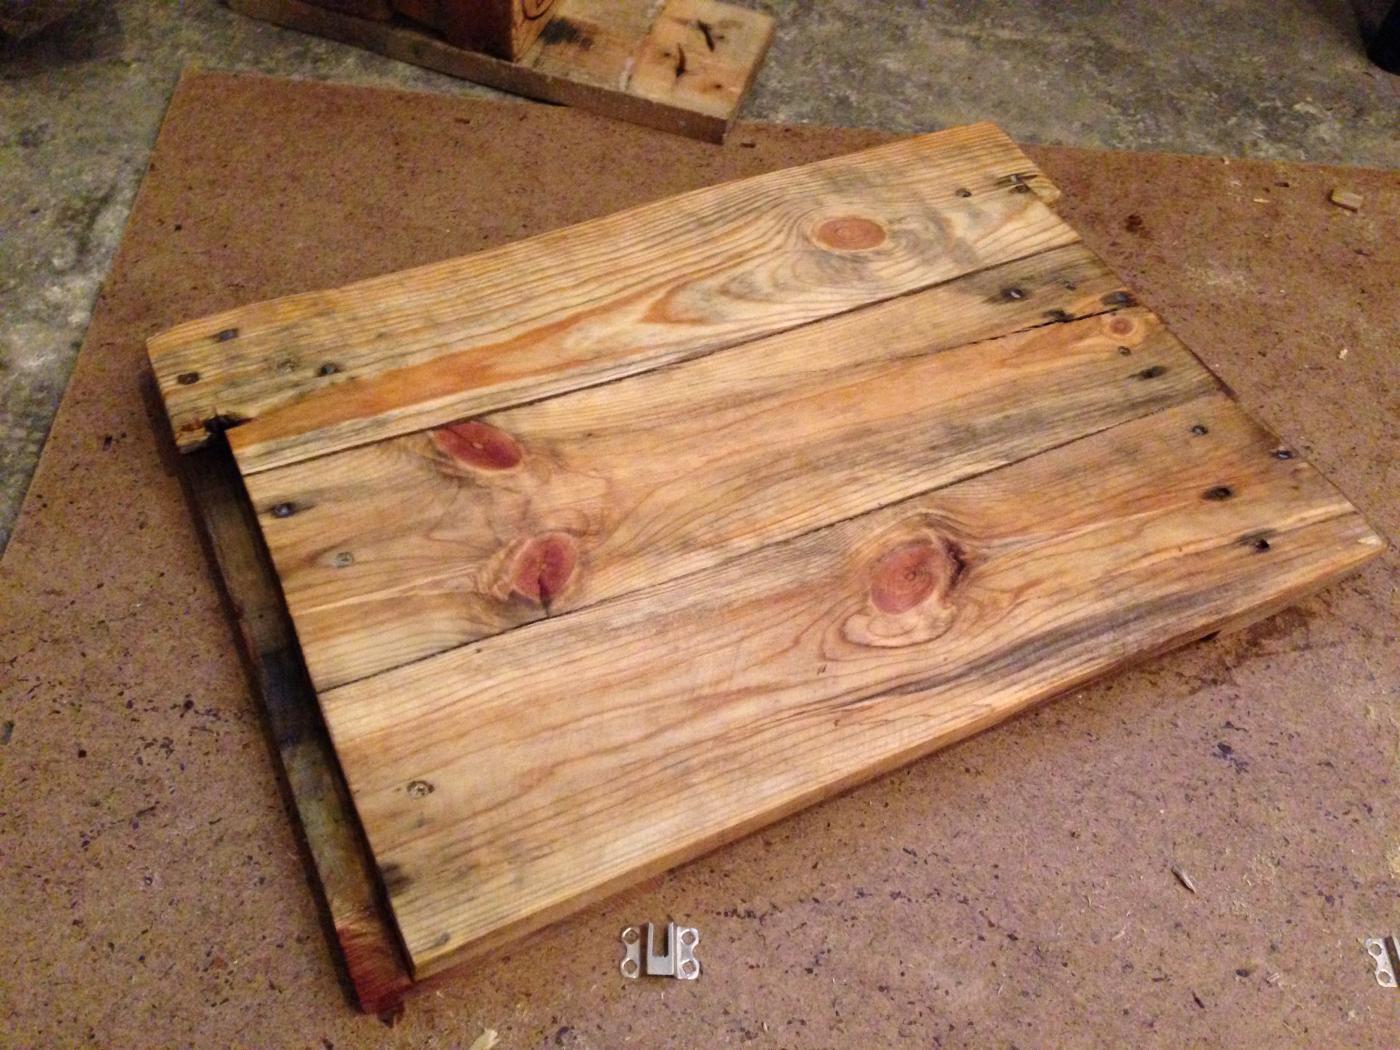 Badezimmerschrank: Waschbecken-unterschrank Aus Palettenholz ... Badezimmerschrank Waschbecken